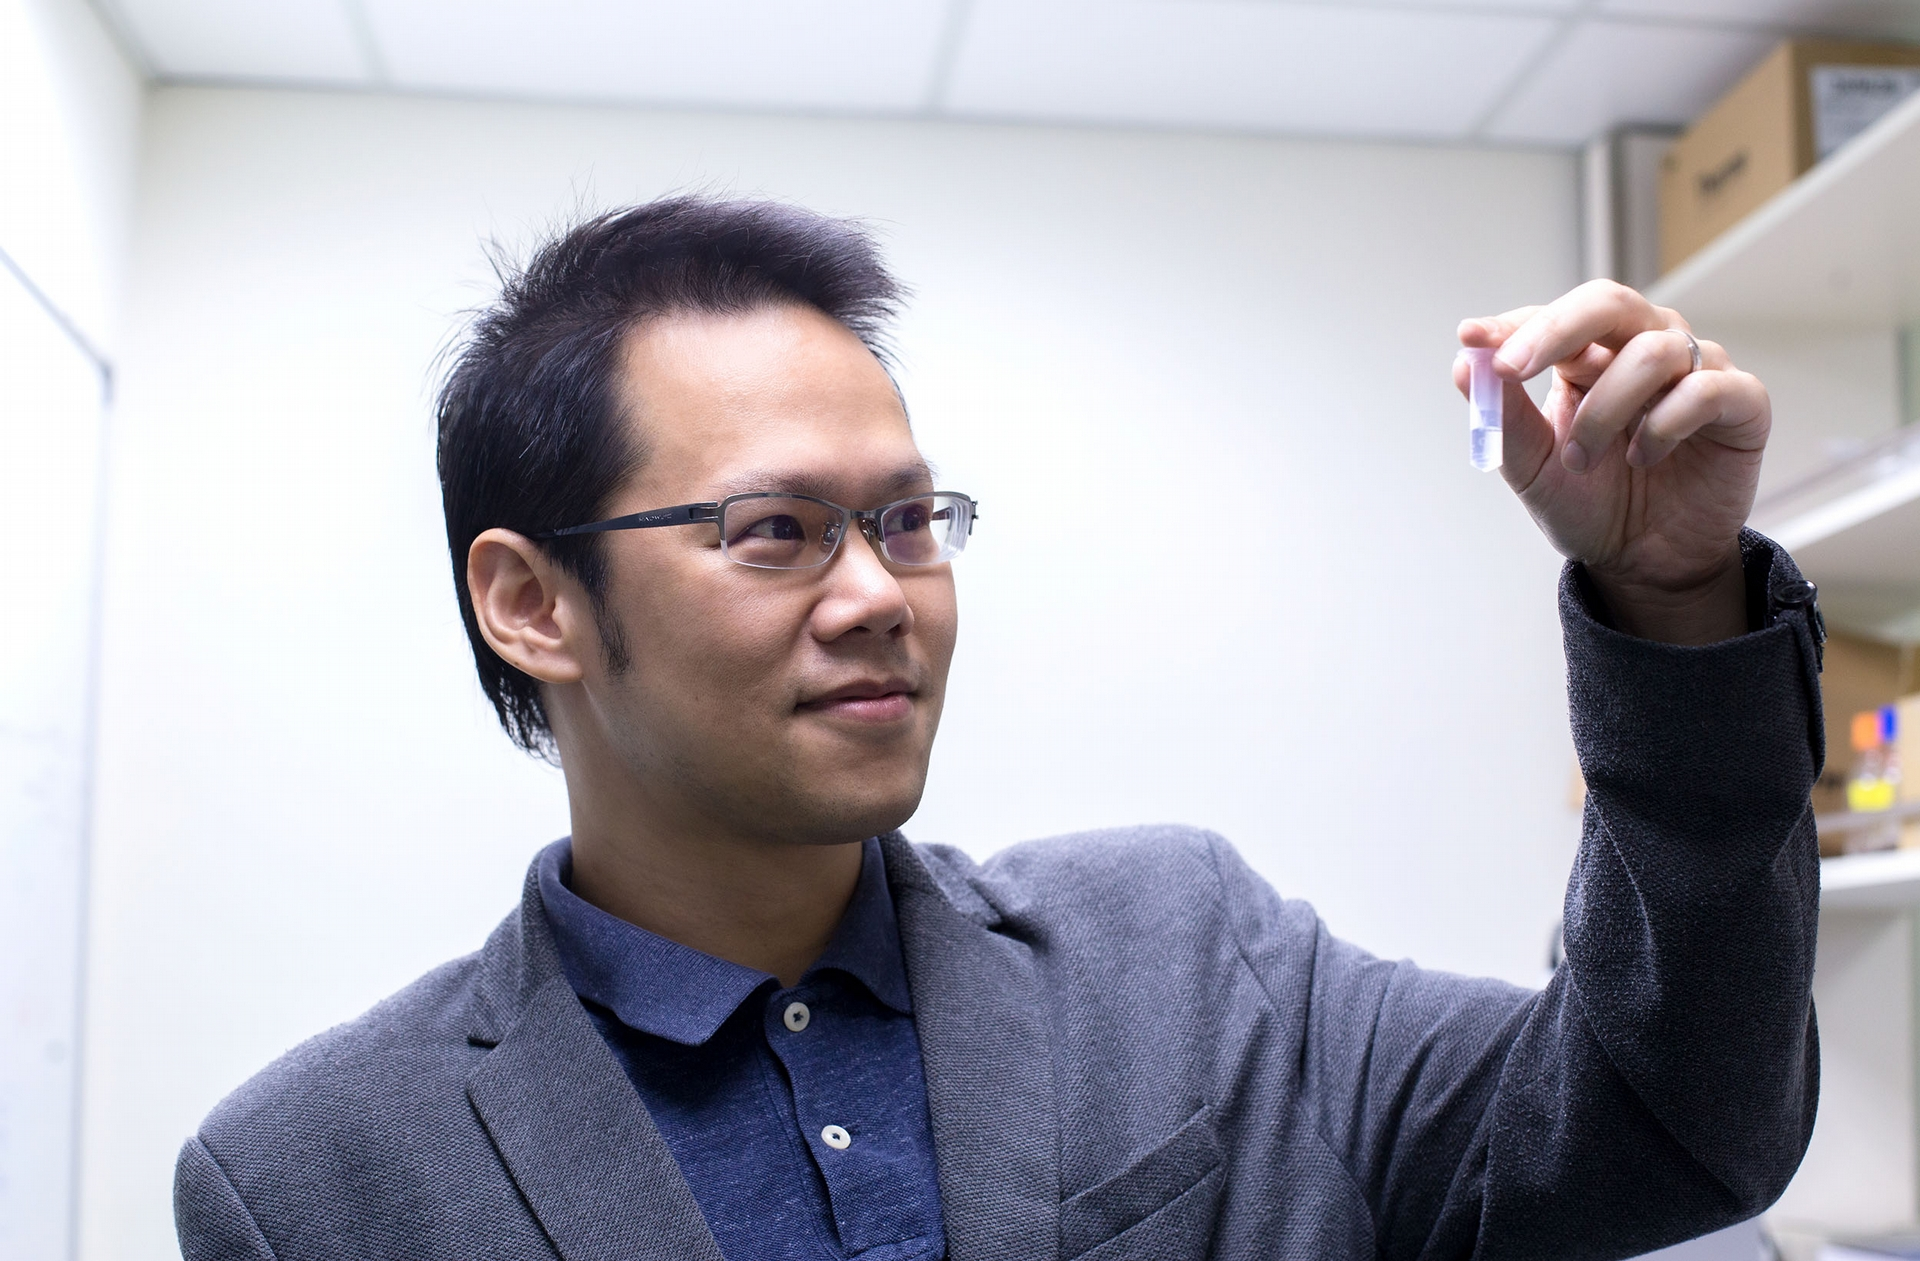 胡哲銘看著自己發明的冠狀病毒奈米疫苗,小小的容器裡充滿了 10,000,000,000,000 個薄殼中空奈米粒子。 <br>攝影│林洵安